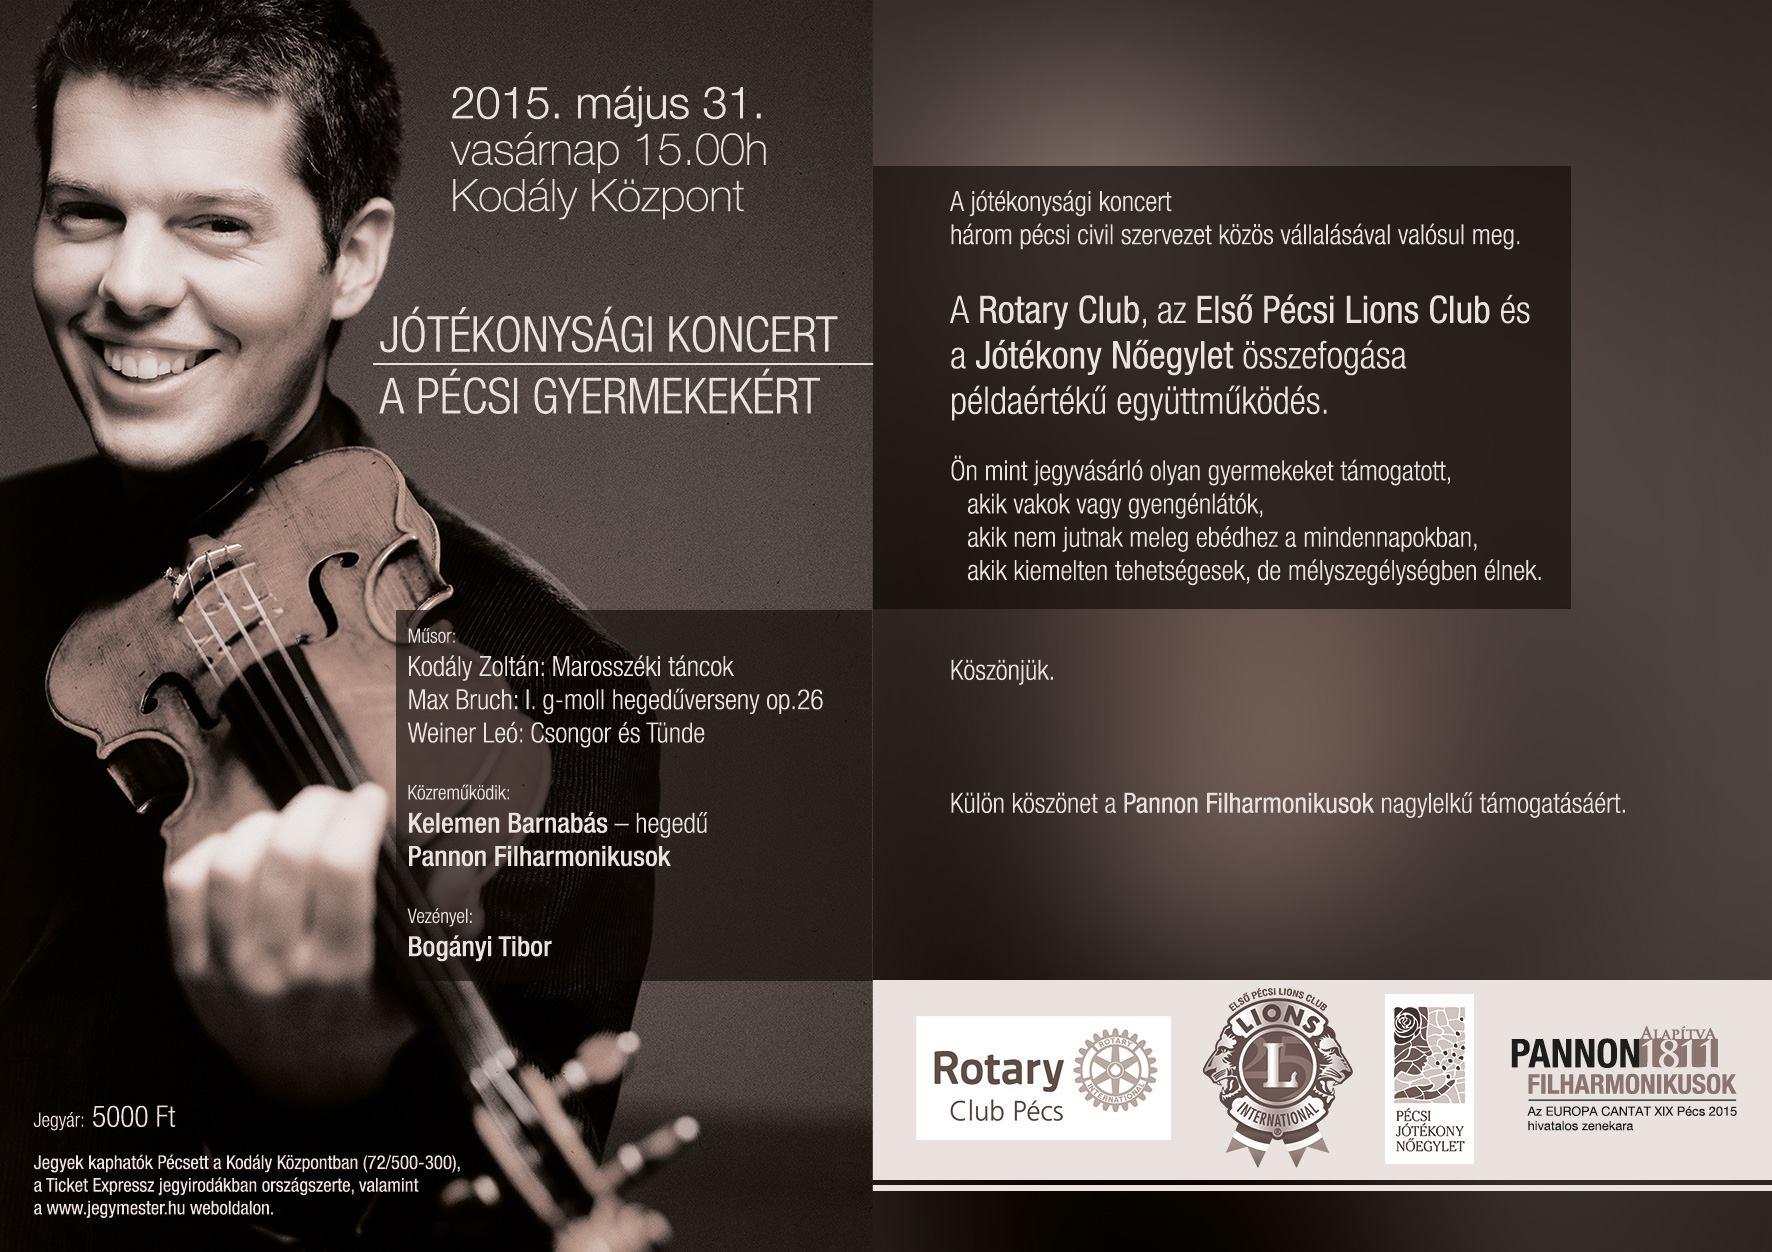 Ambassador Club Pécs - meghívó a pécsi Rotary Klubtól jótékonysági koncertre